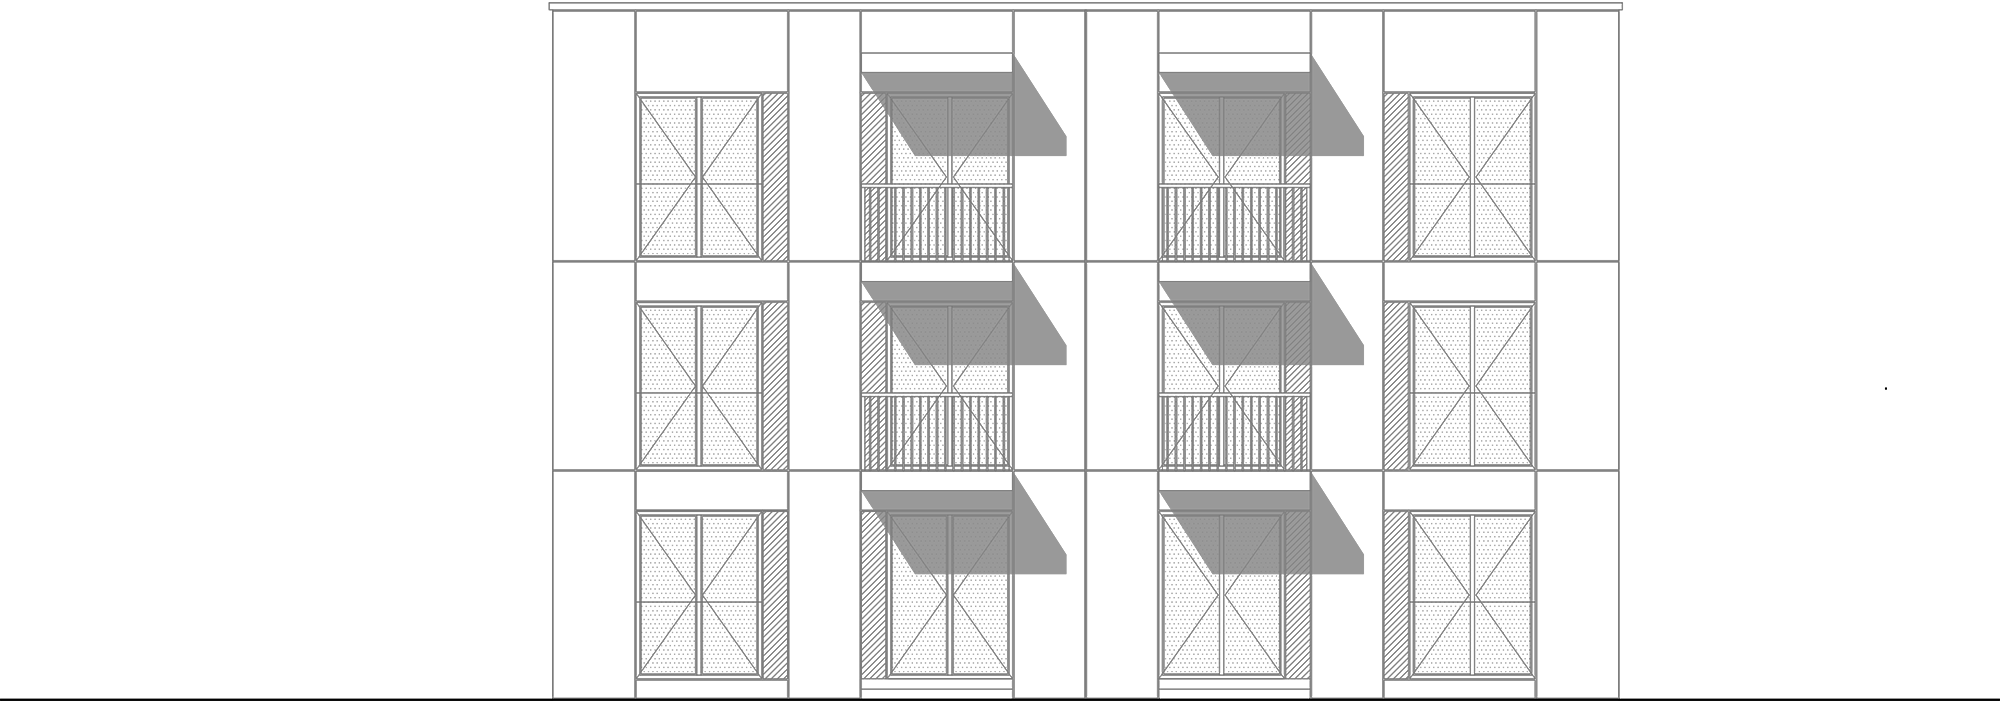 KRK-NIE-twin-07-elevation-S